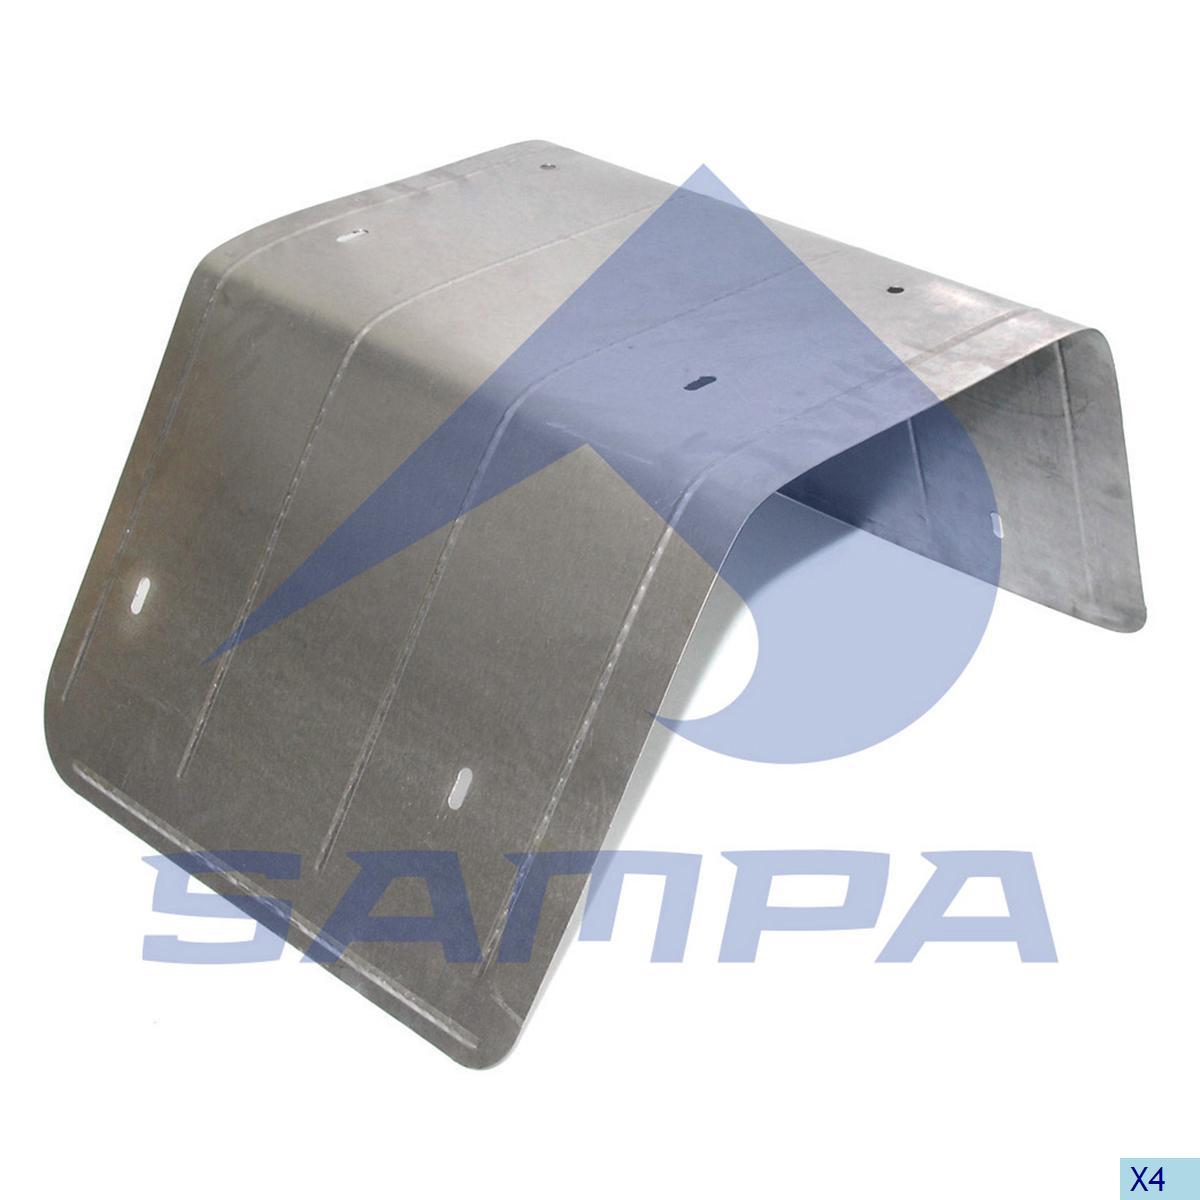 Heat Shield, Exhaust, Man, Engine